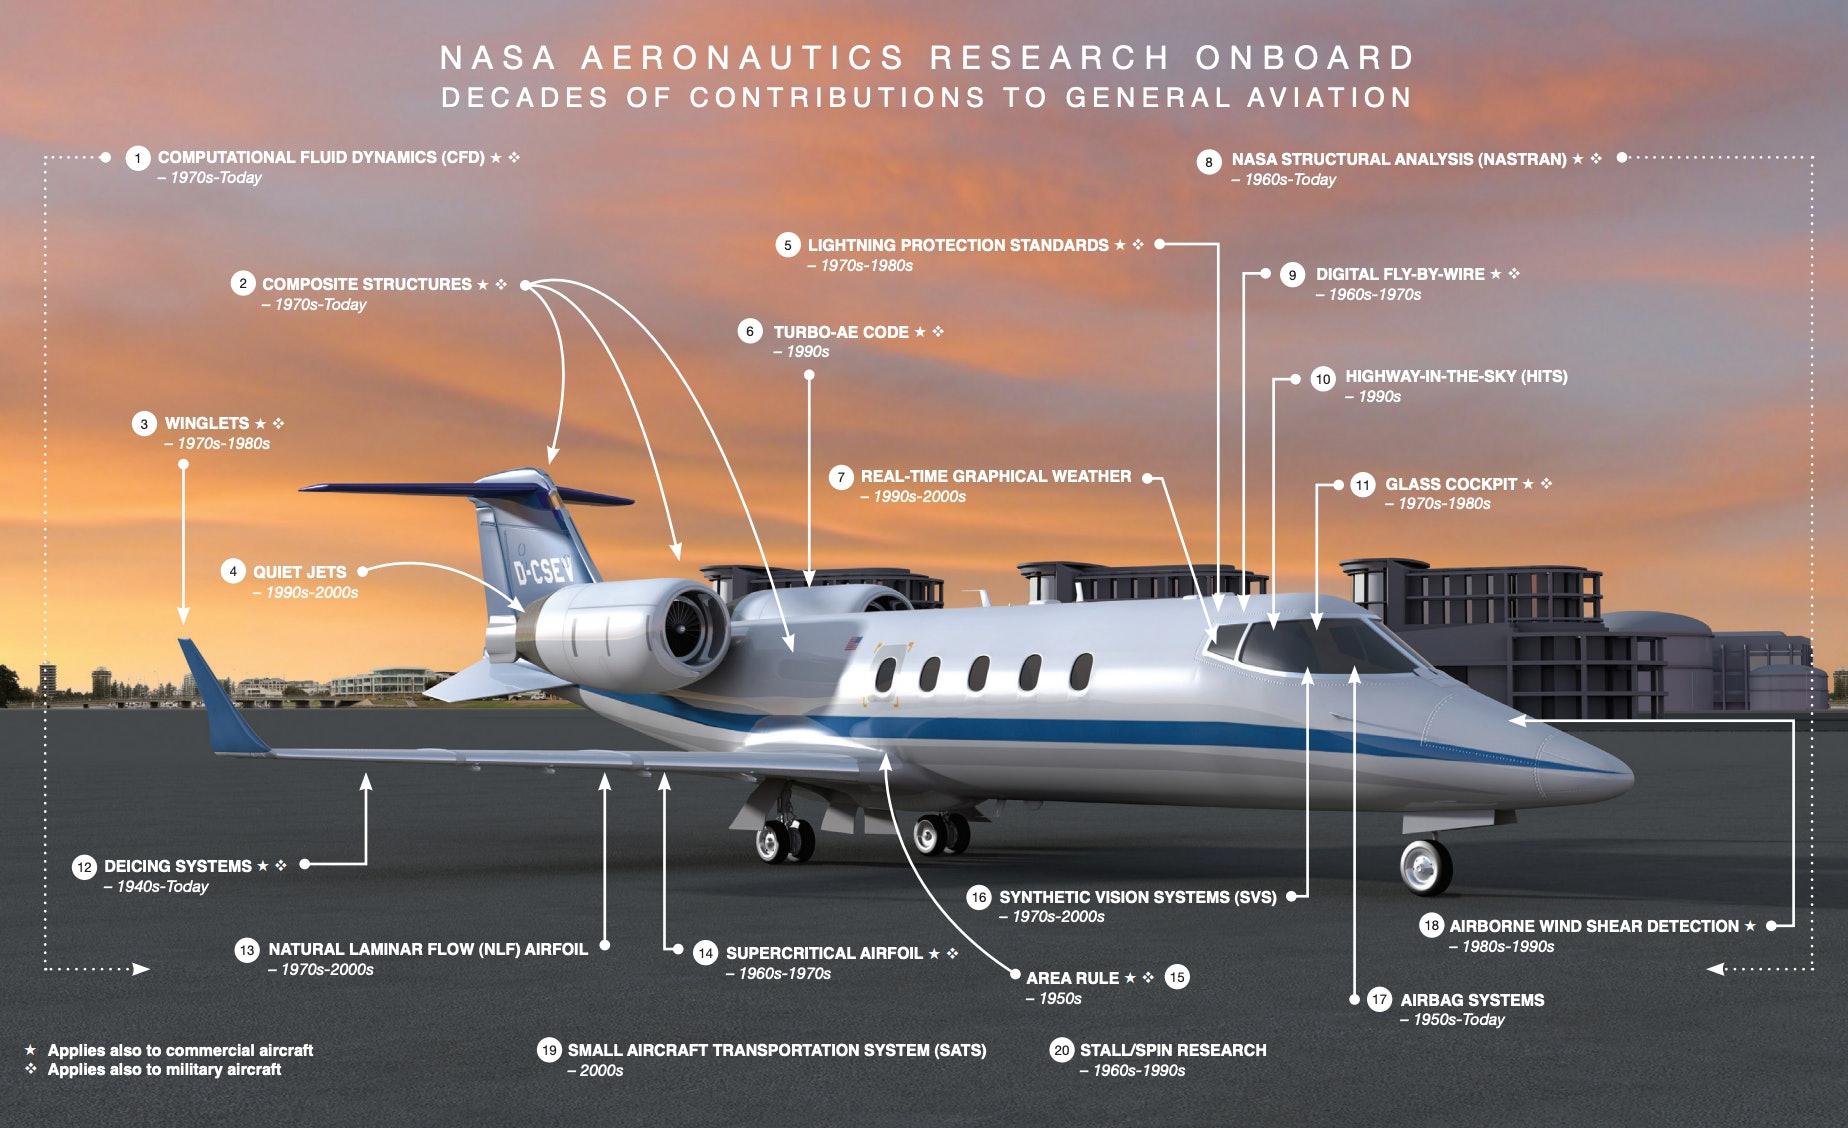 NASA small aircraft technology